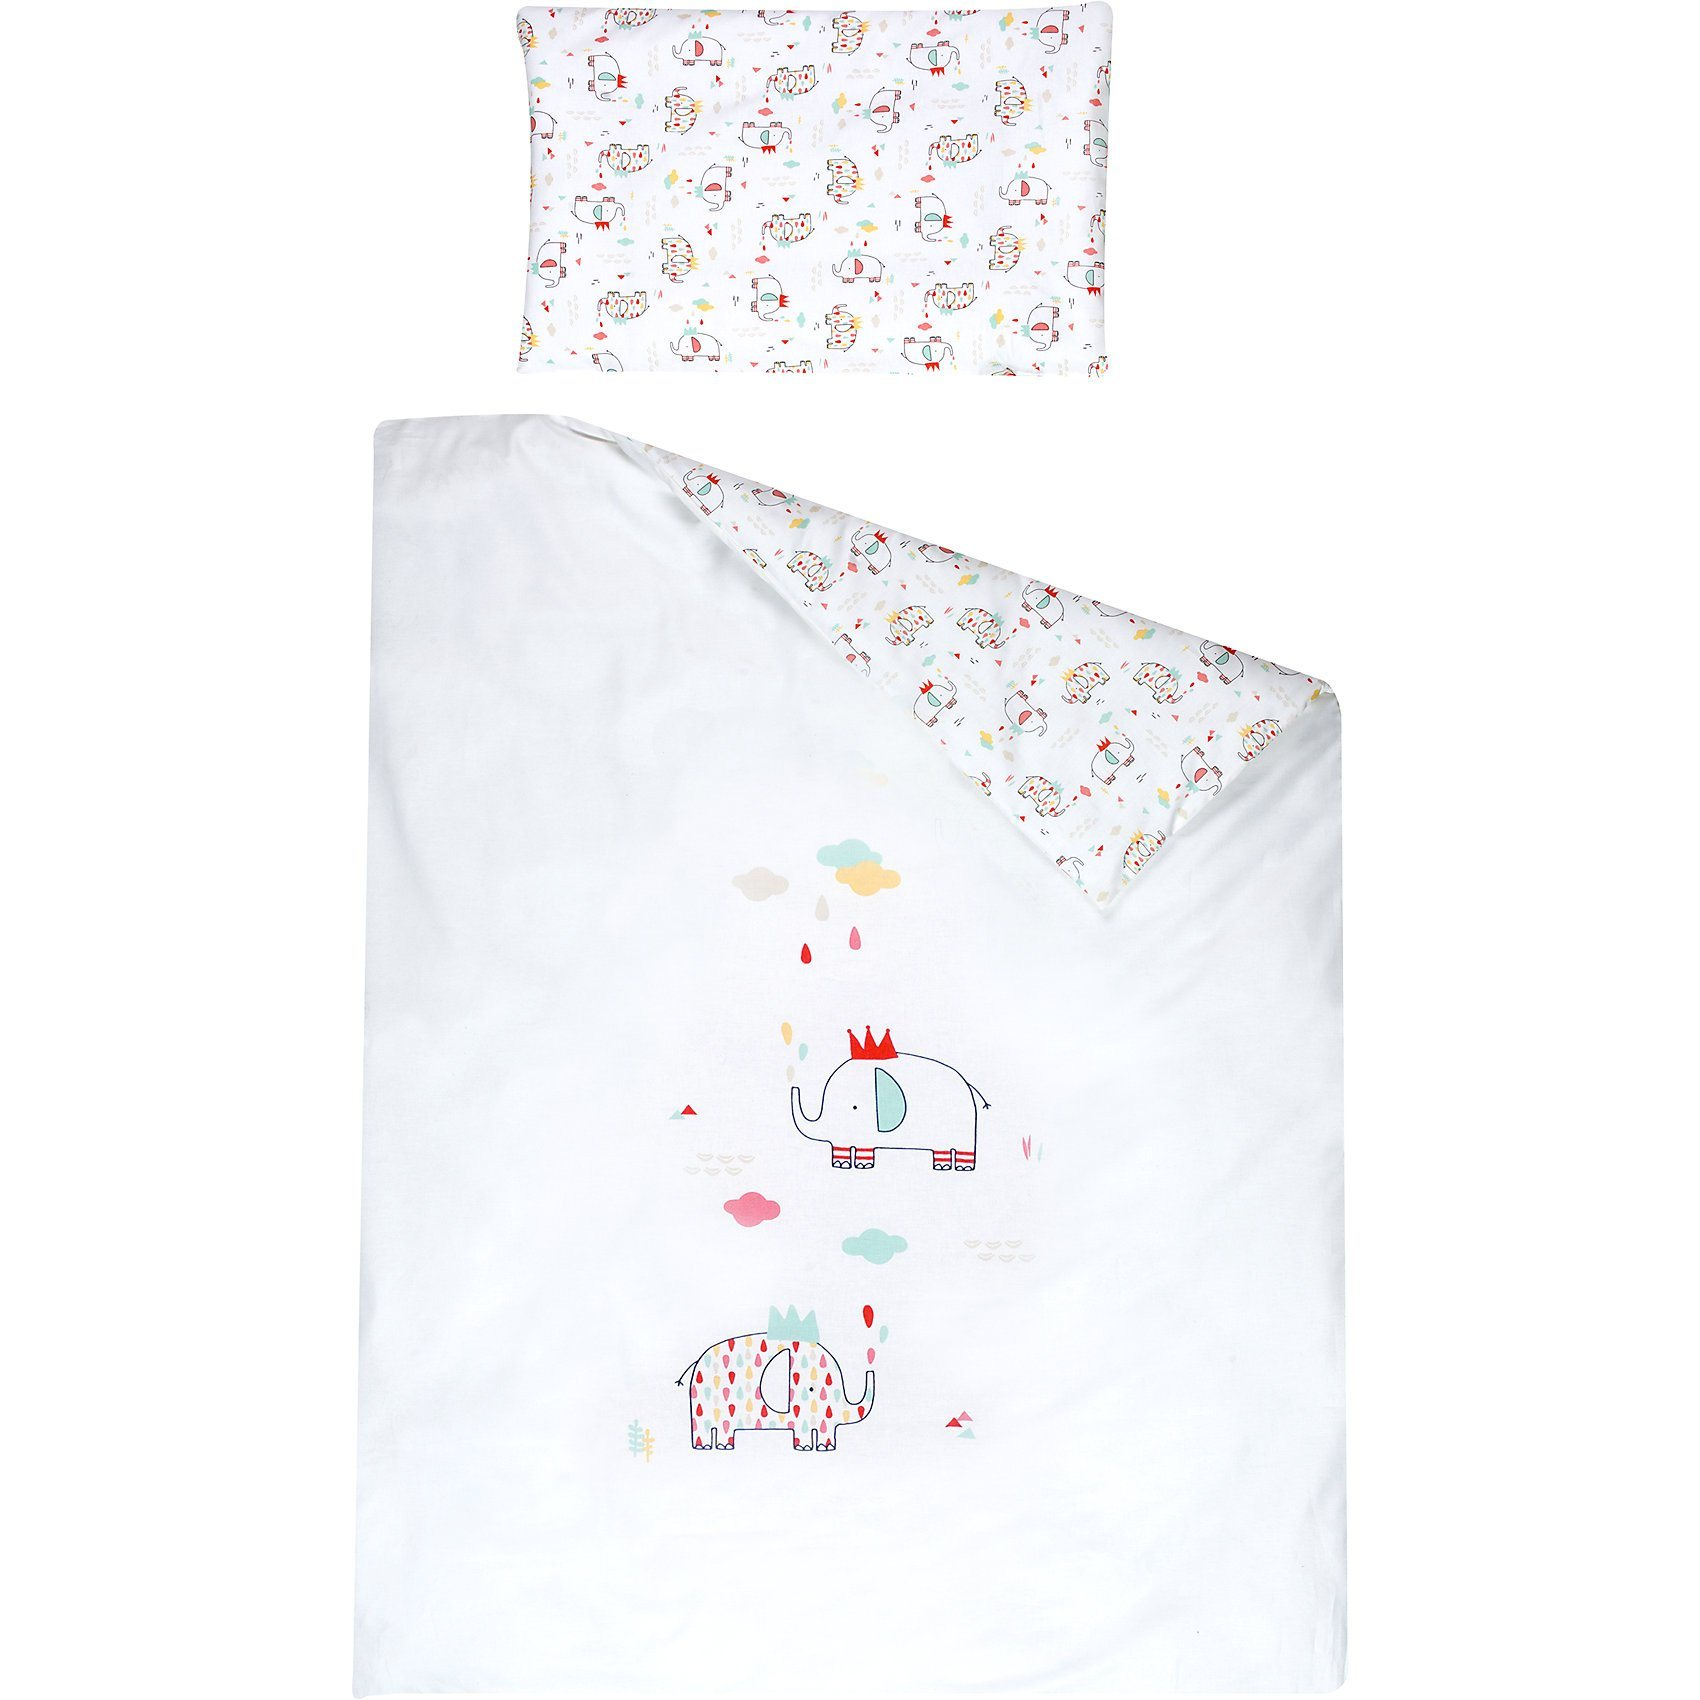 Schardt Wende- Kinderbettwäsche Elli, 100 x 135 cm | Kinderzimmer > Textilien für Kinder > Kinderbettwäsche | Baumwolle | Schardt